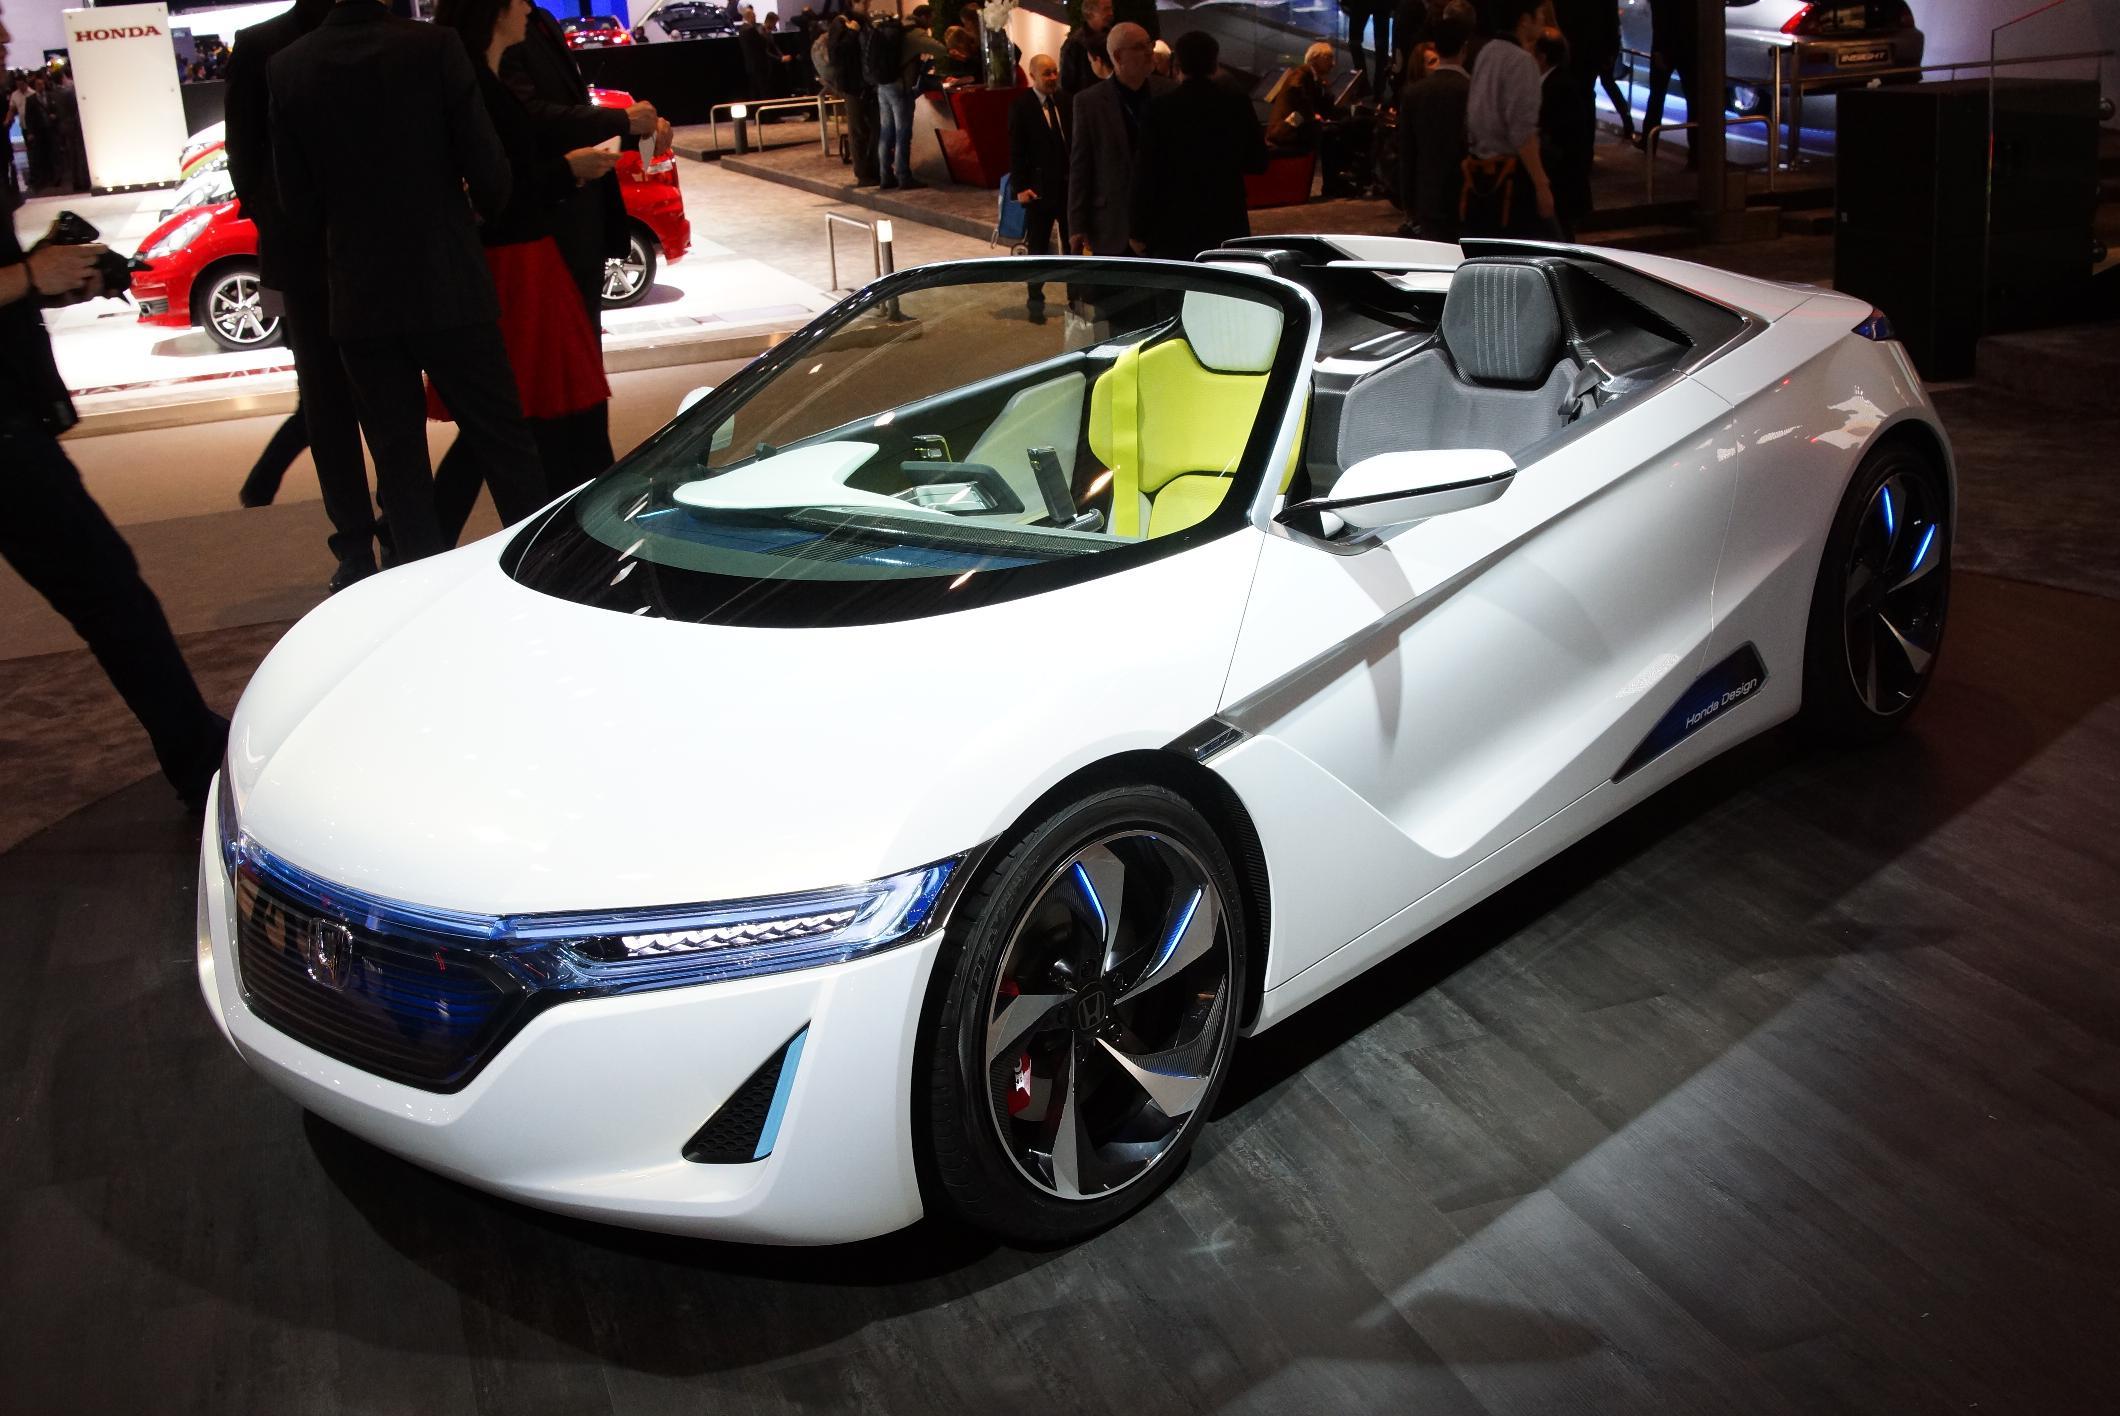 Honda EV-Ster Geneva 2012